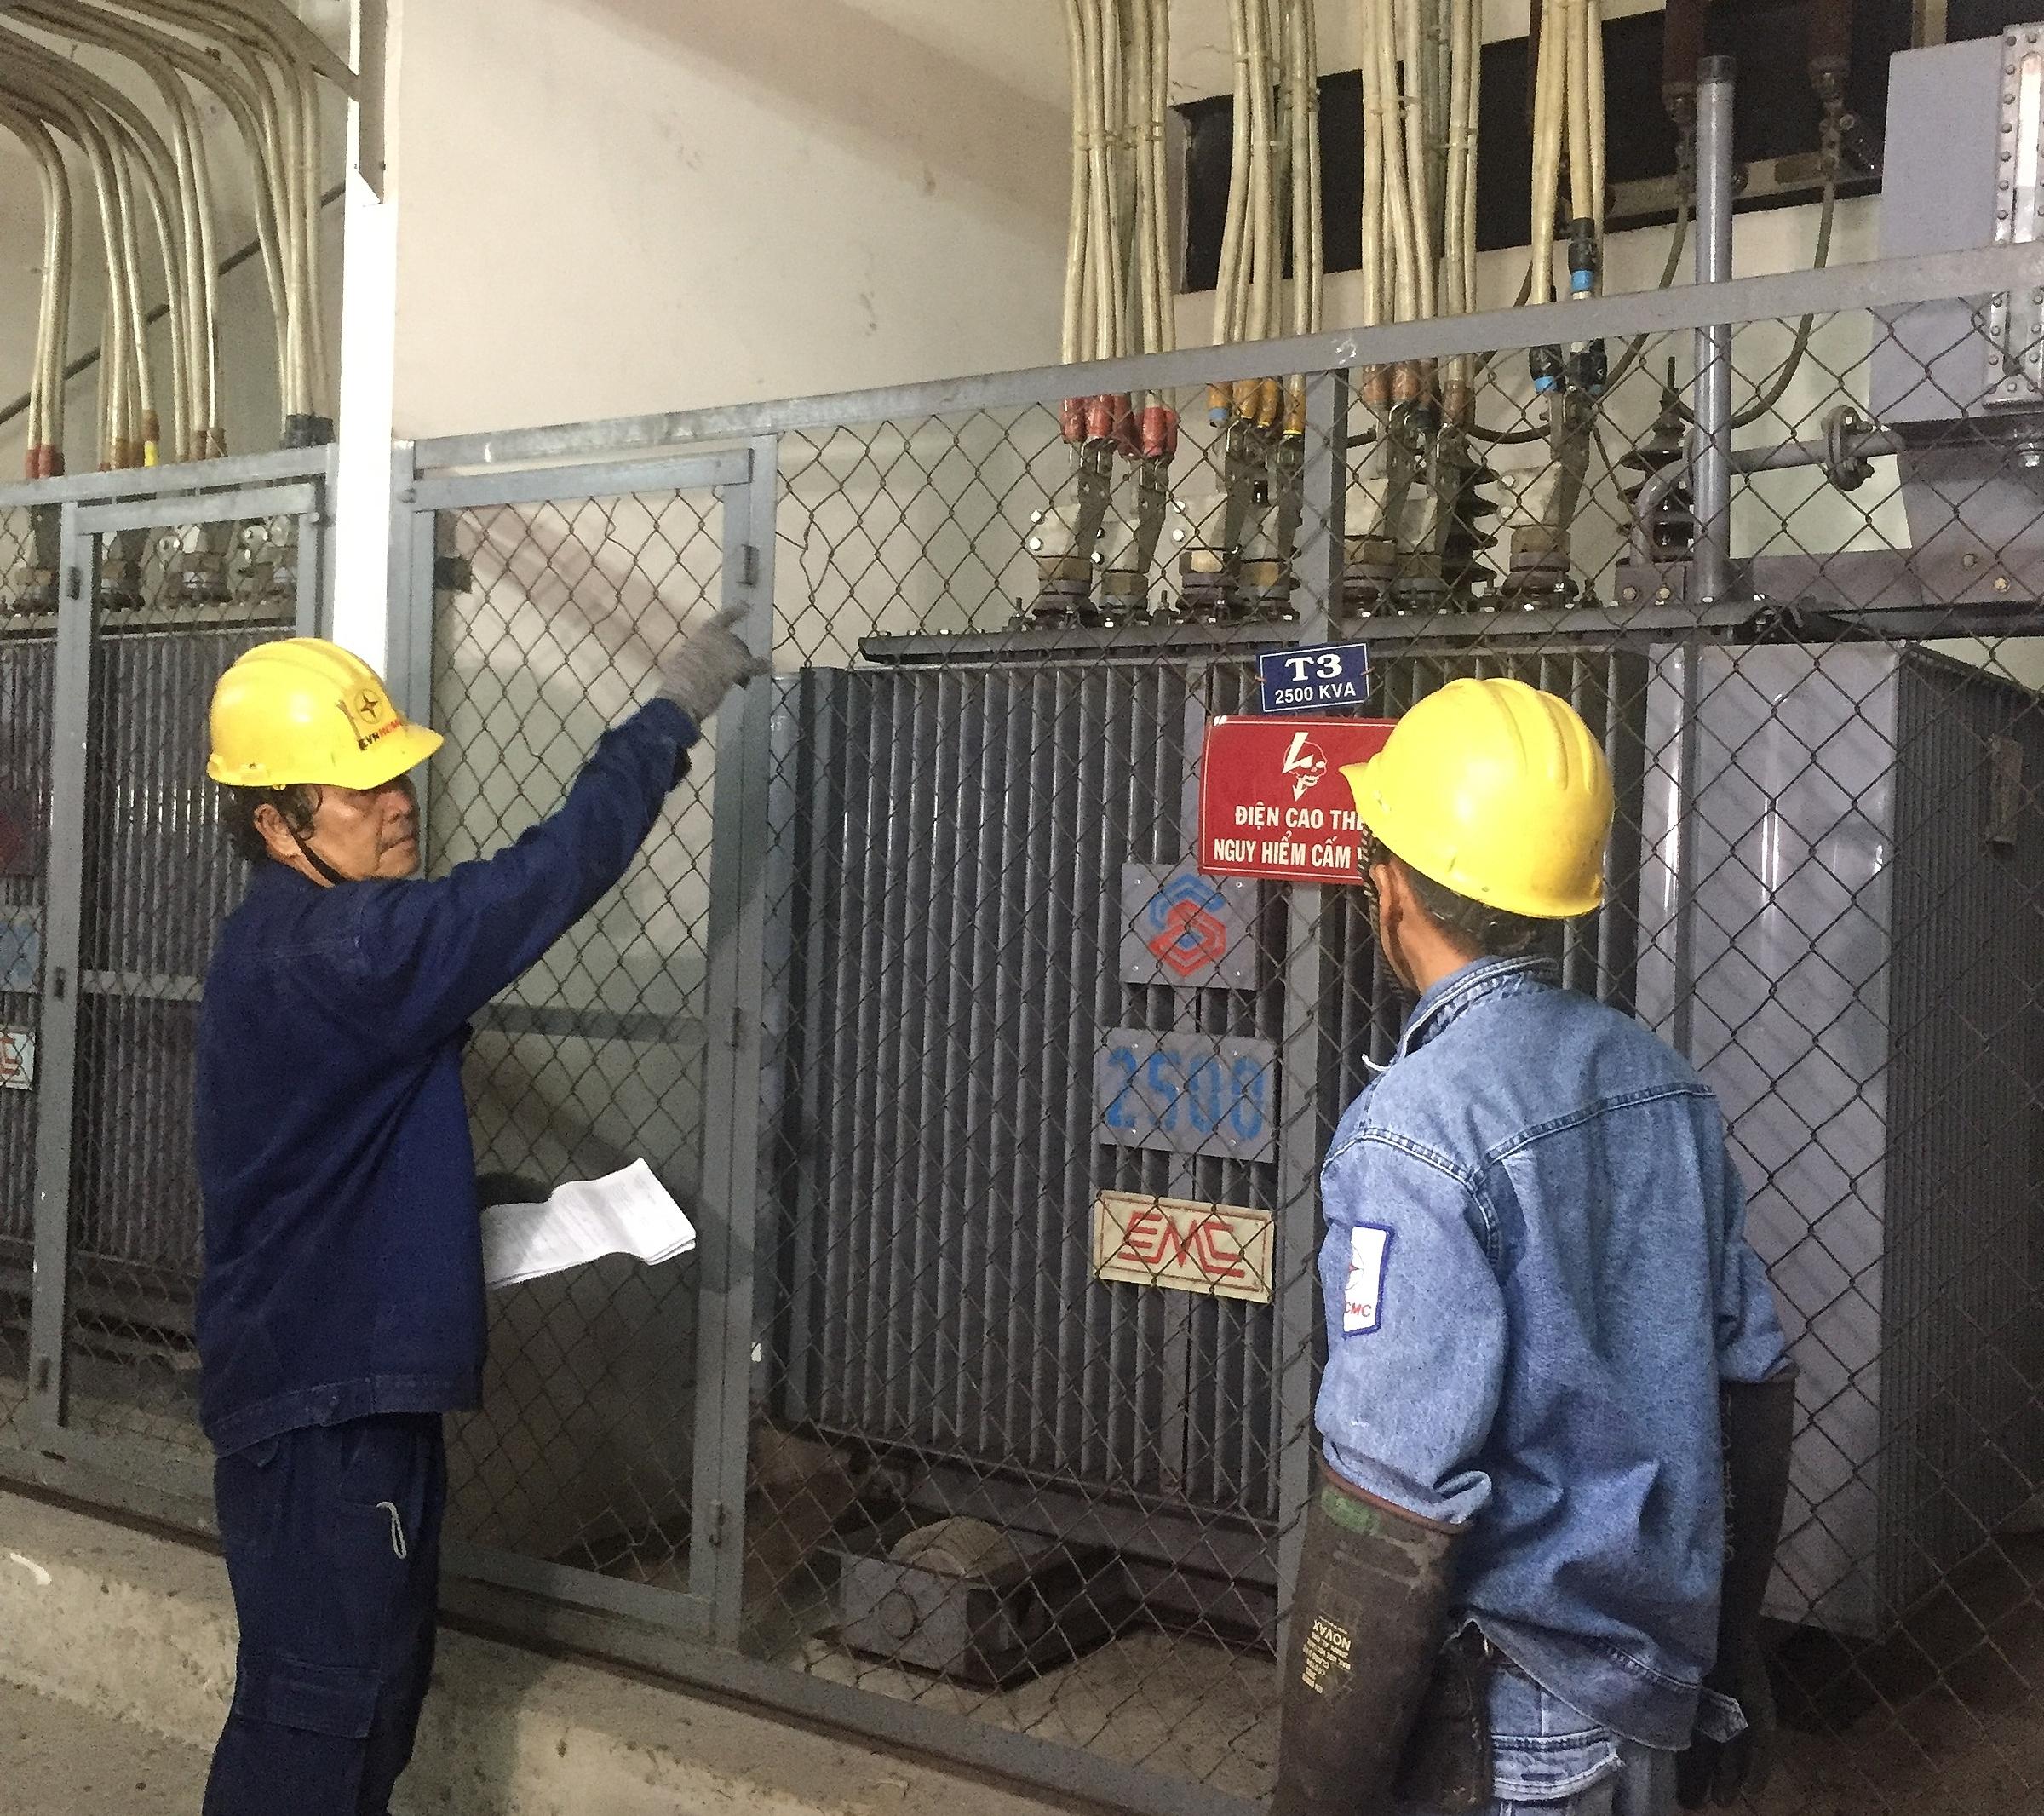 Nhân viên điện lực khảo sát lắp đặt lưới điện. Ảnh: EVNHCMC.